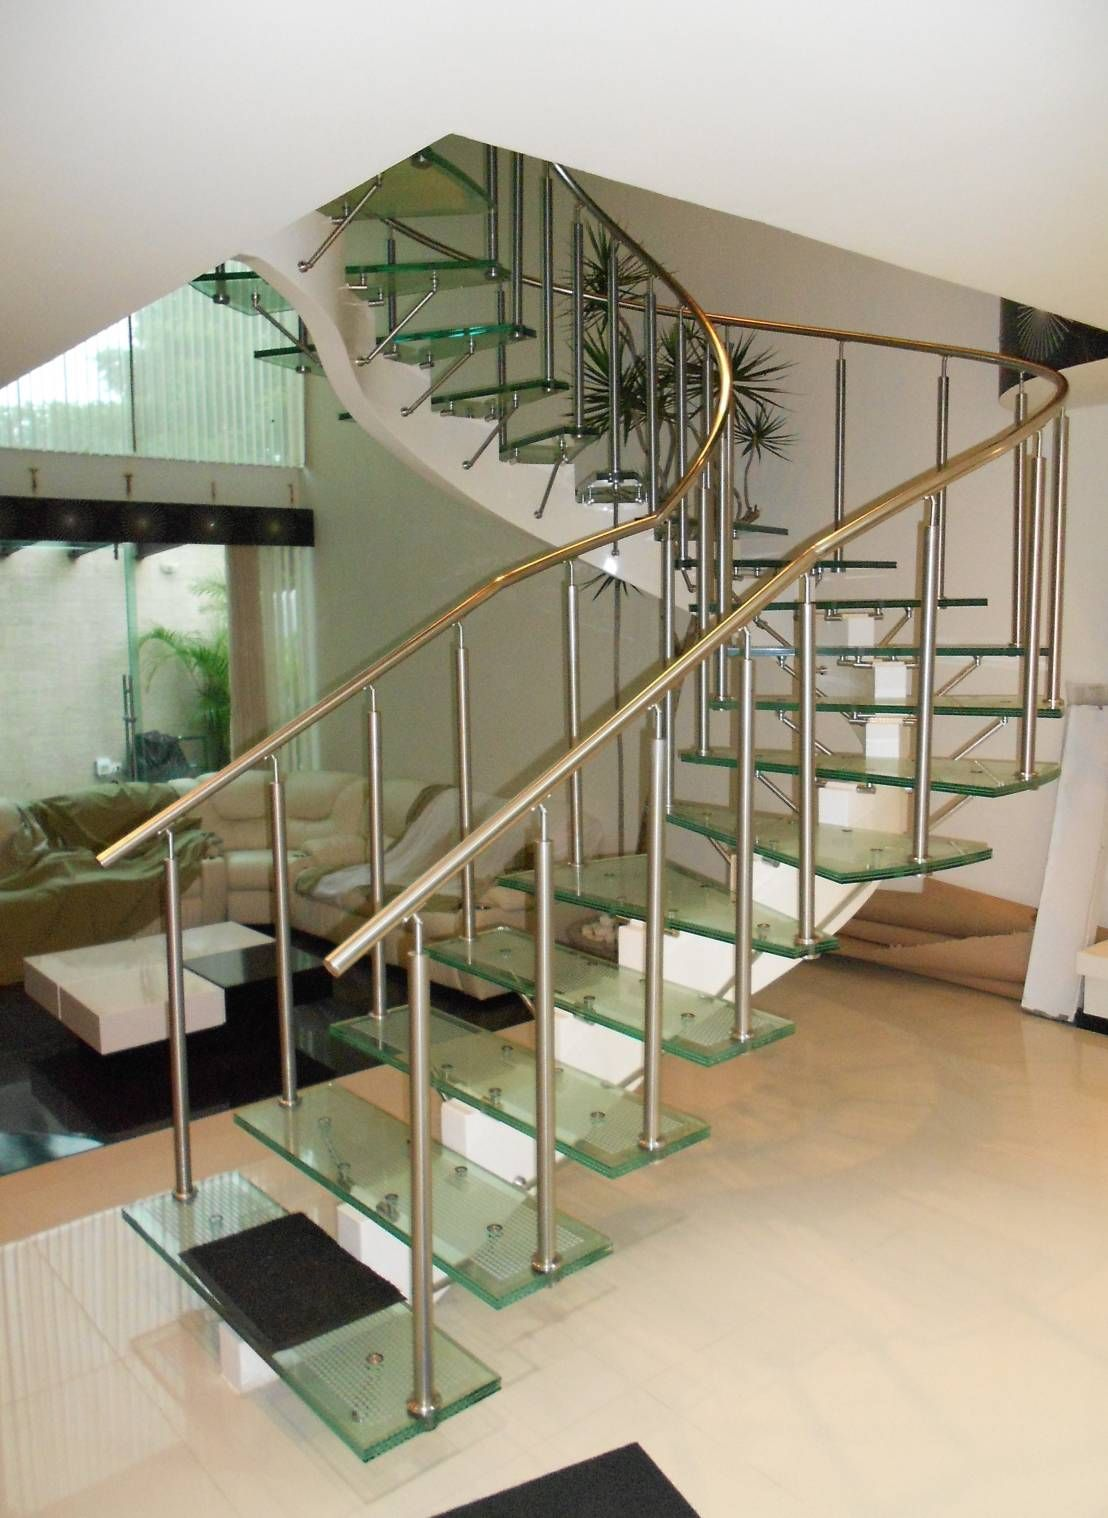 Escalera de cristal con herrajes y pasamanos de acero - Escaleras de acero y cristal ...